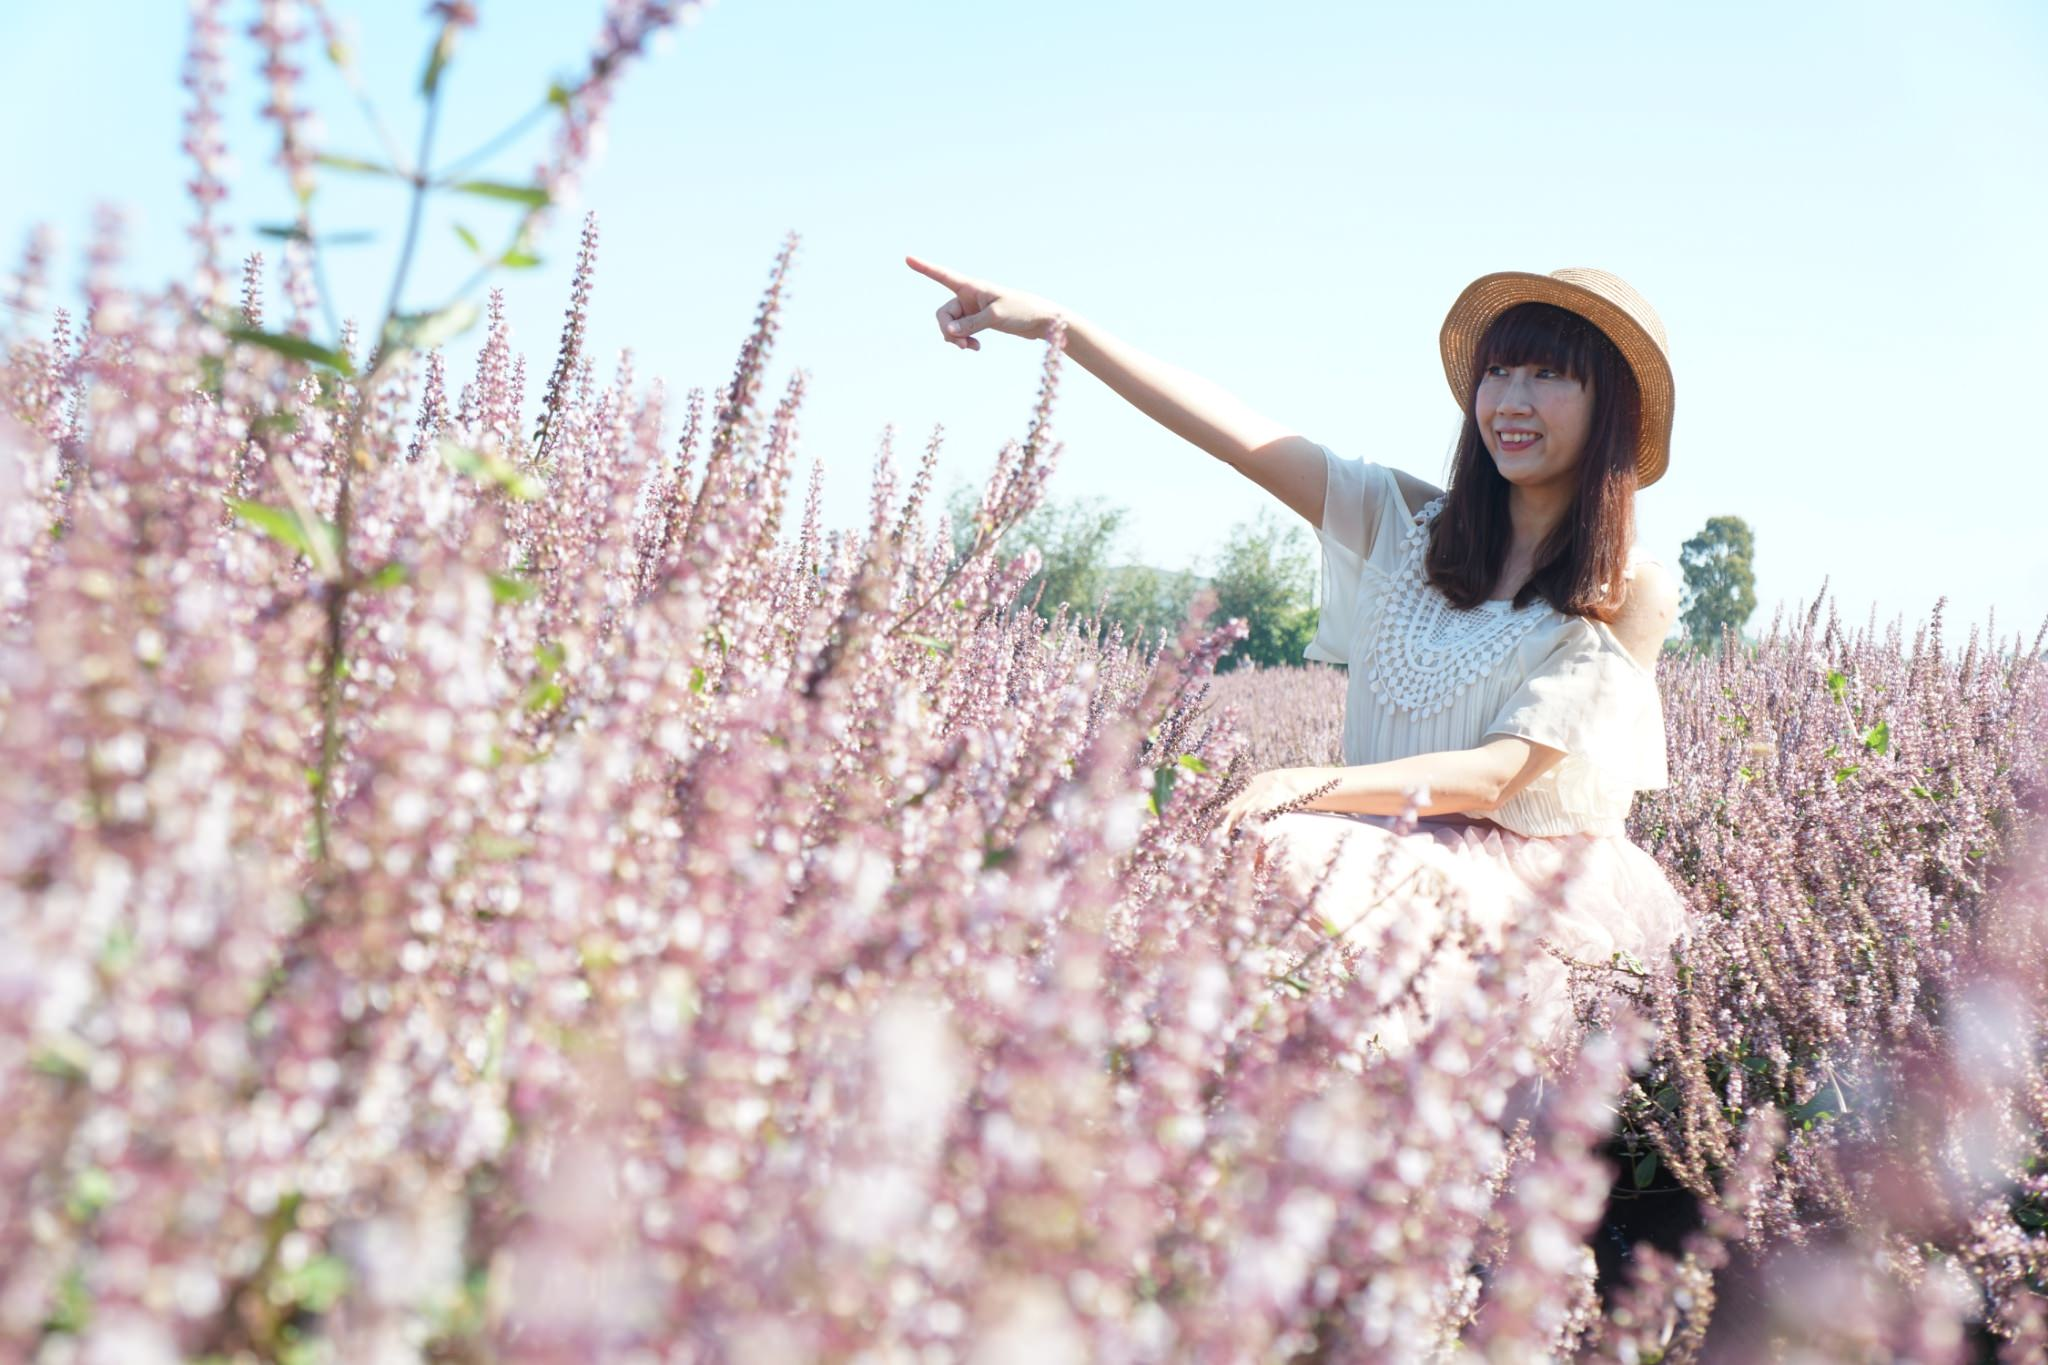 20181203234645 96 - [桃園花彩節]紫色仙草花田夢幻登場  一起拍出日雜感照片